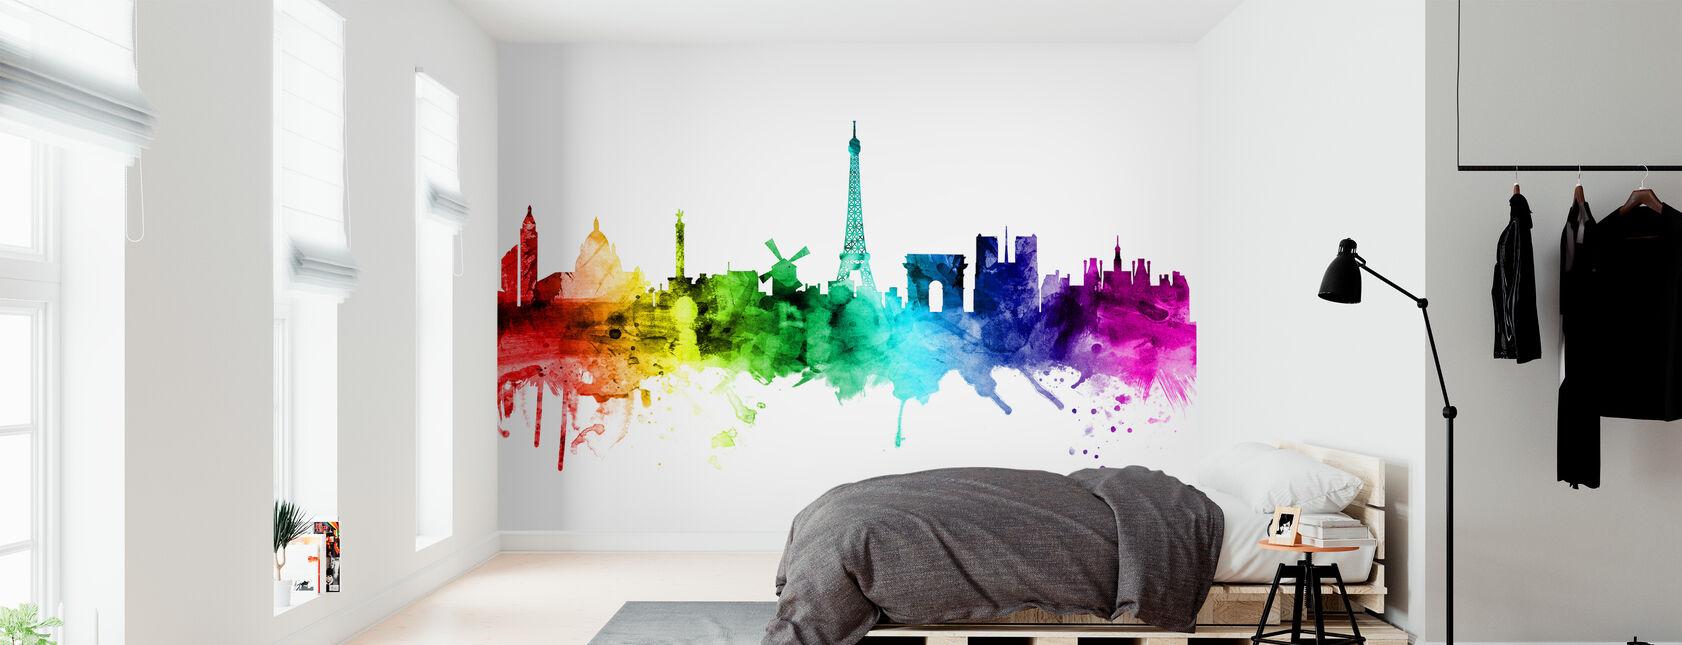 Décorations murales multicolores